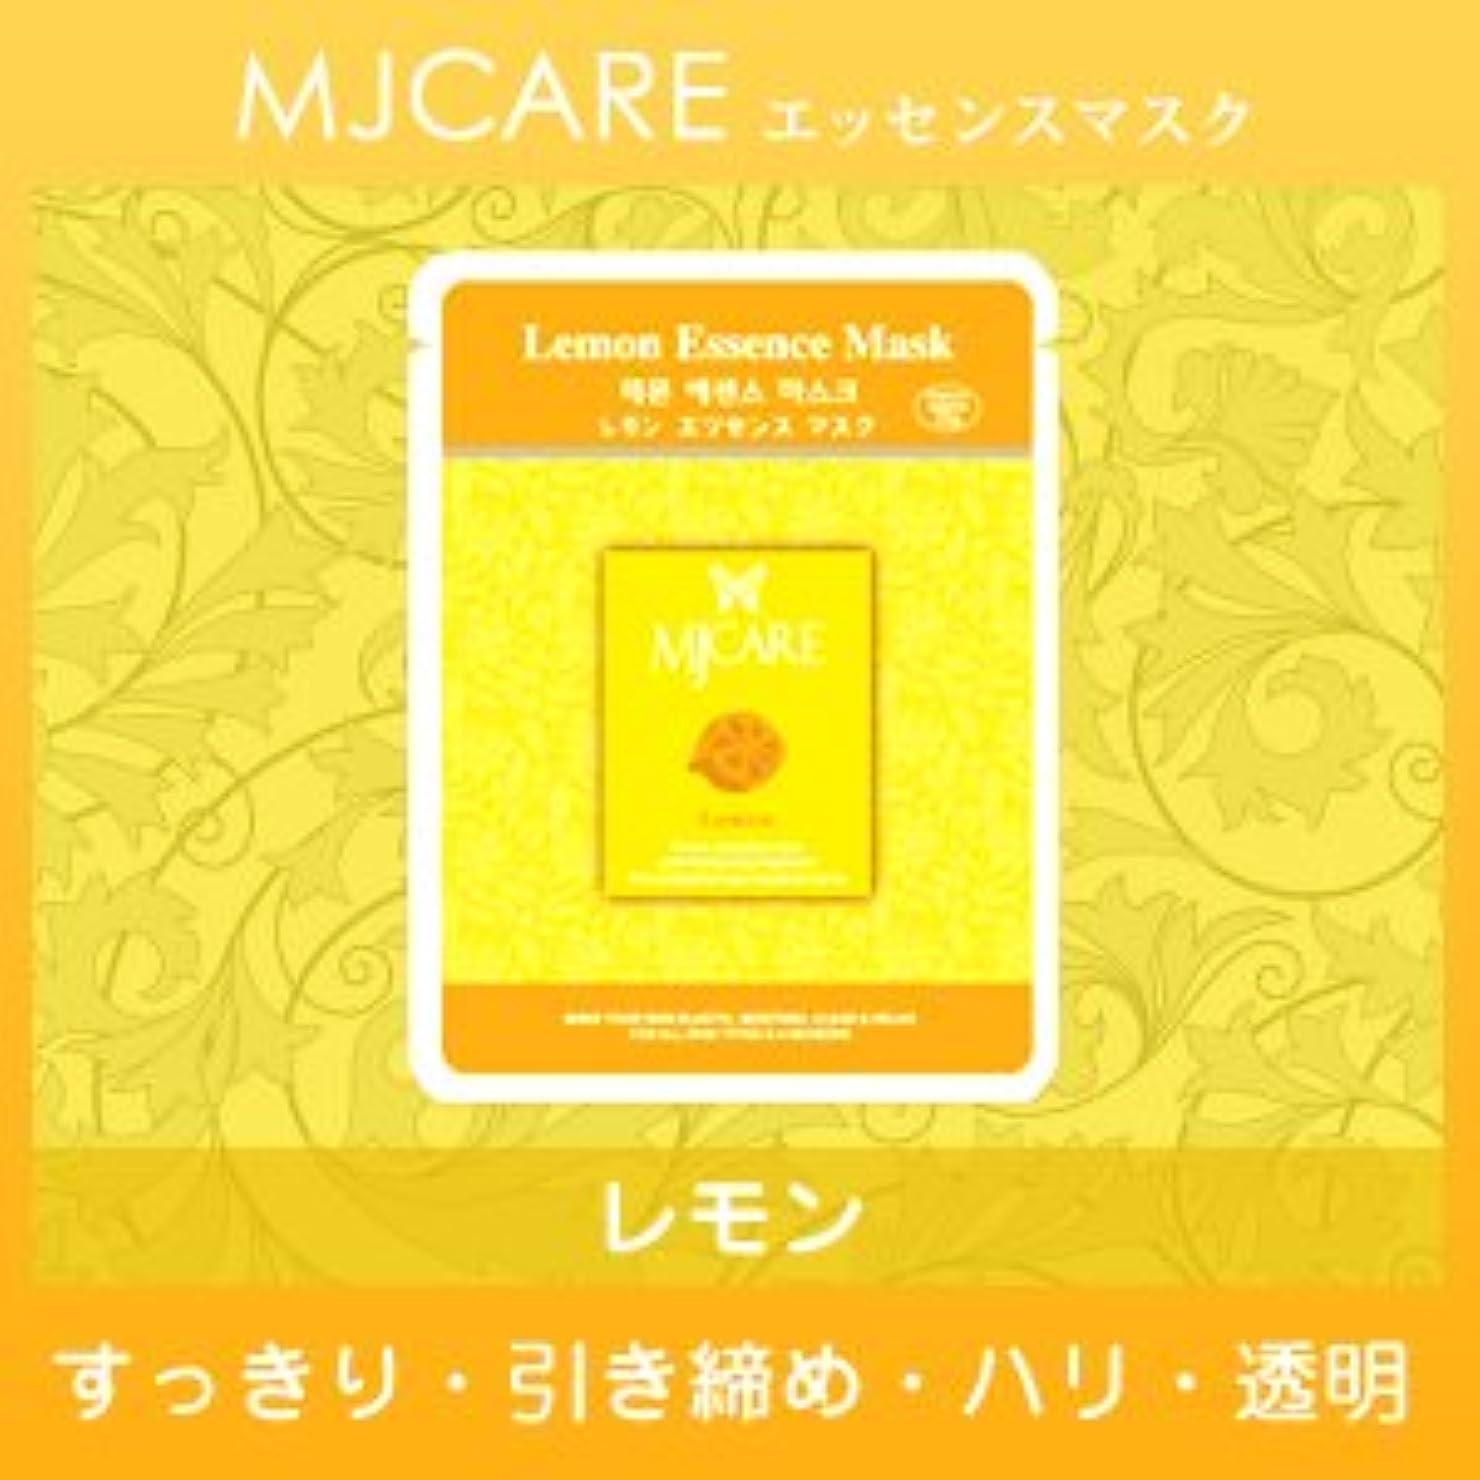 小競り合い疑わしい威信MJCARE (エムジェイケア) レモン エッセンスマスク